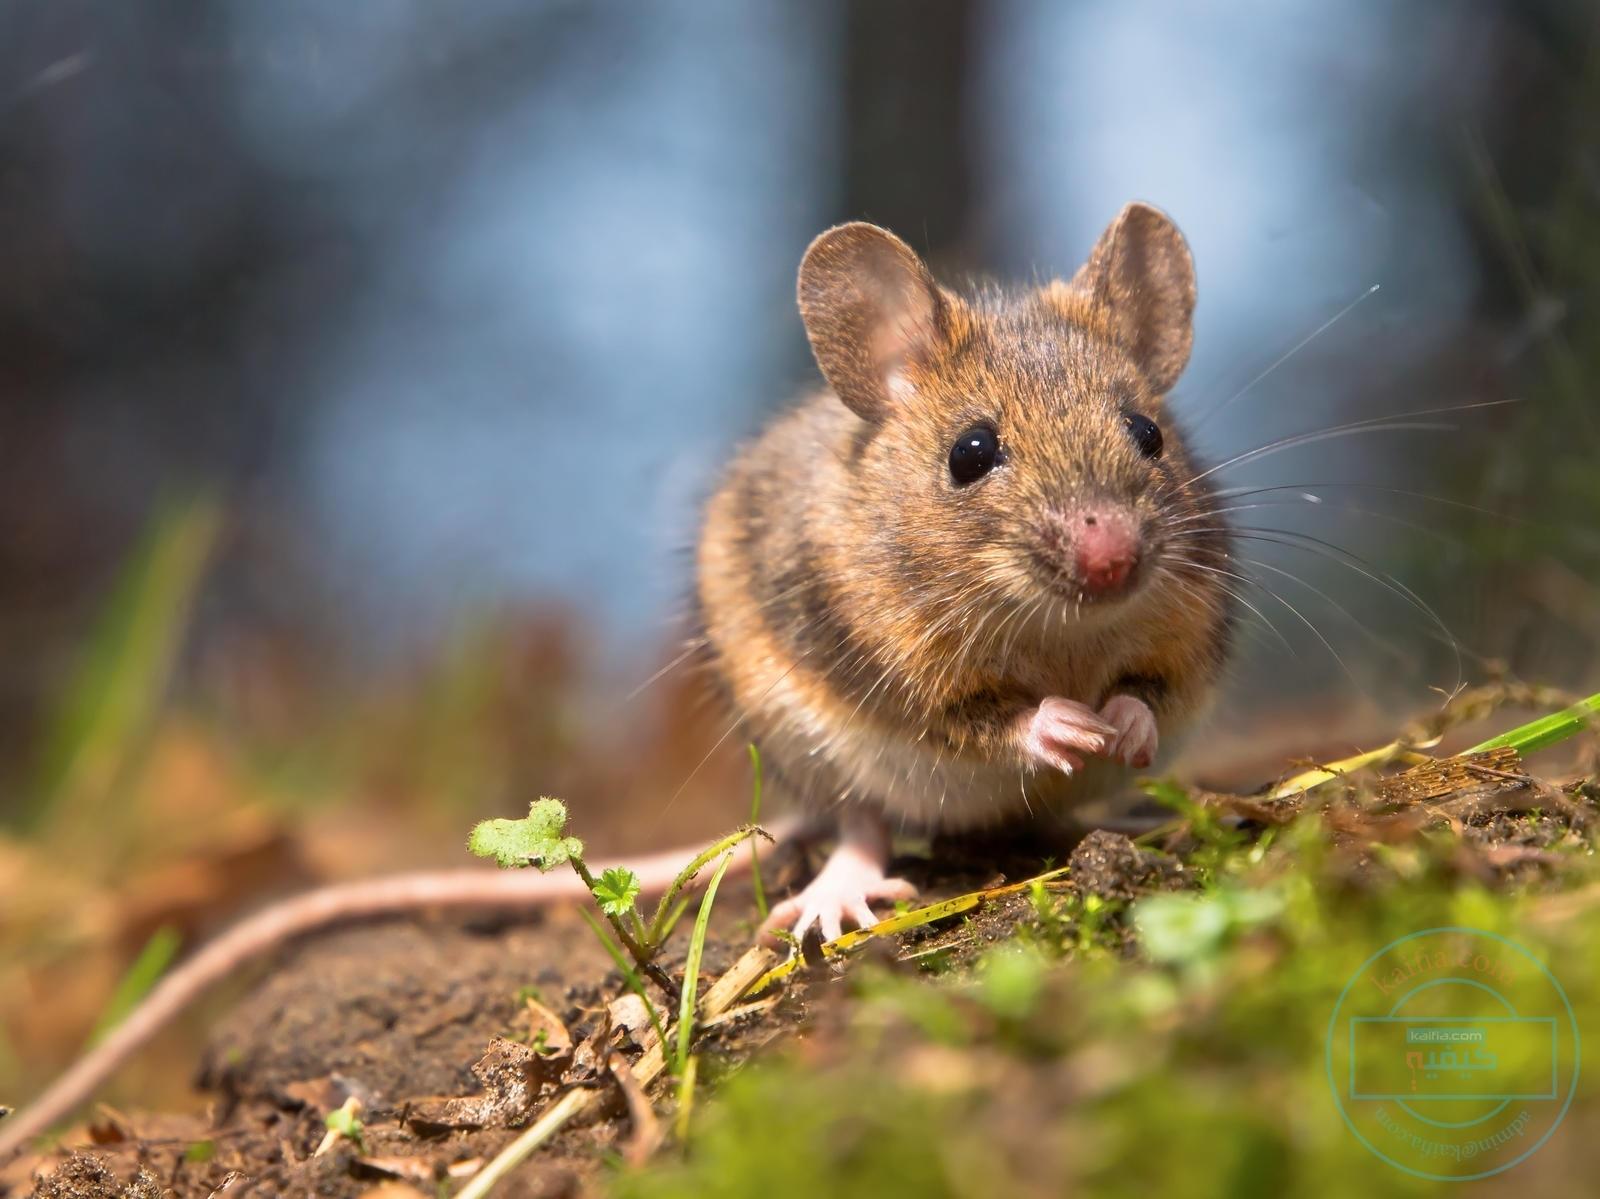 طريقة طرد الفئران من المنزل